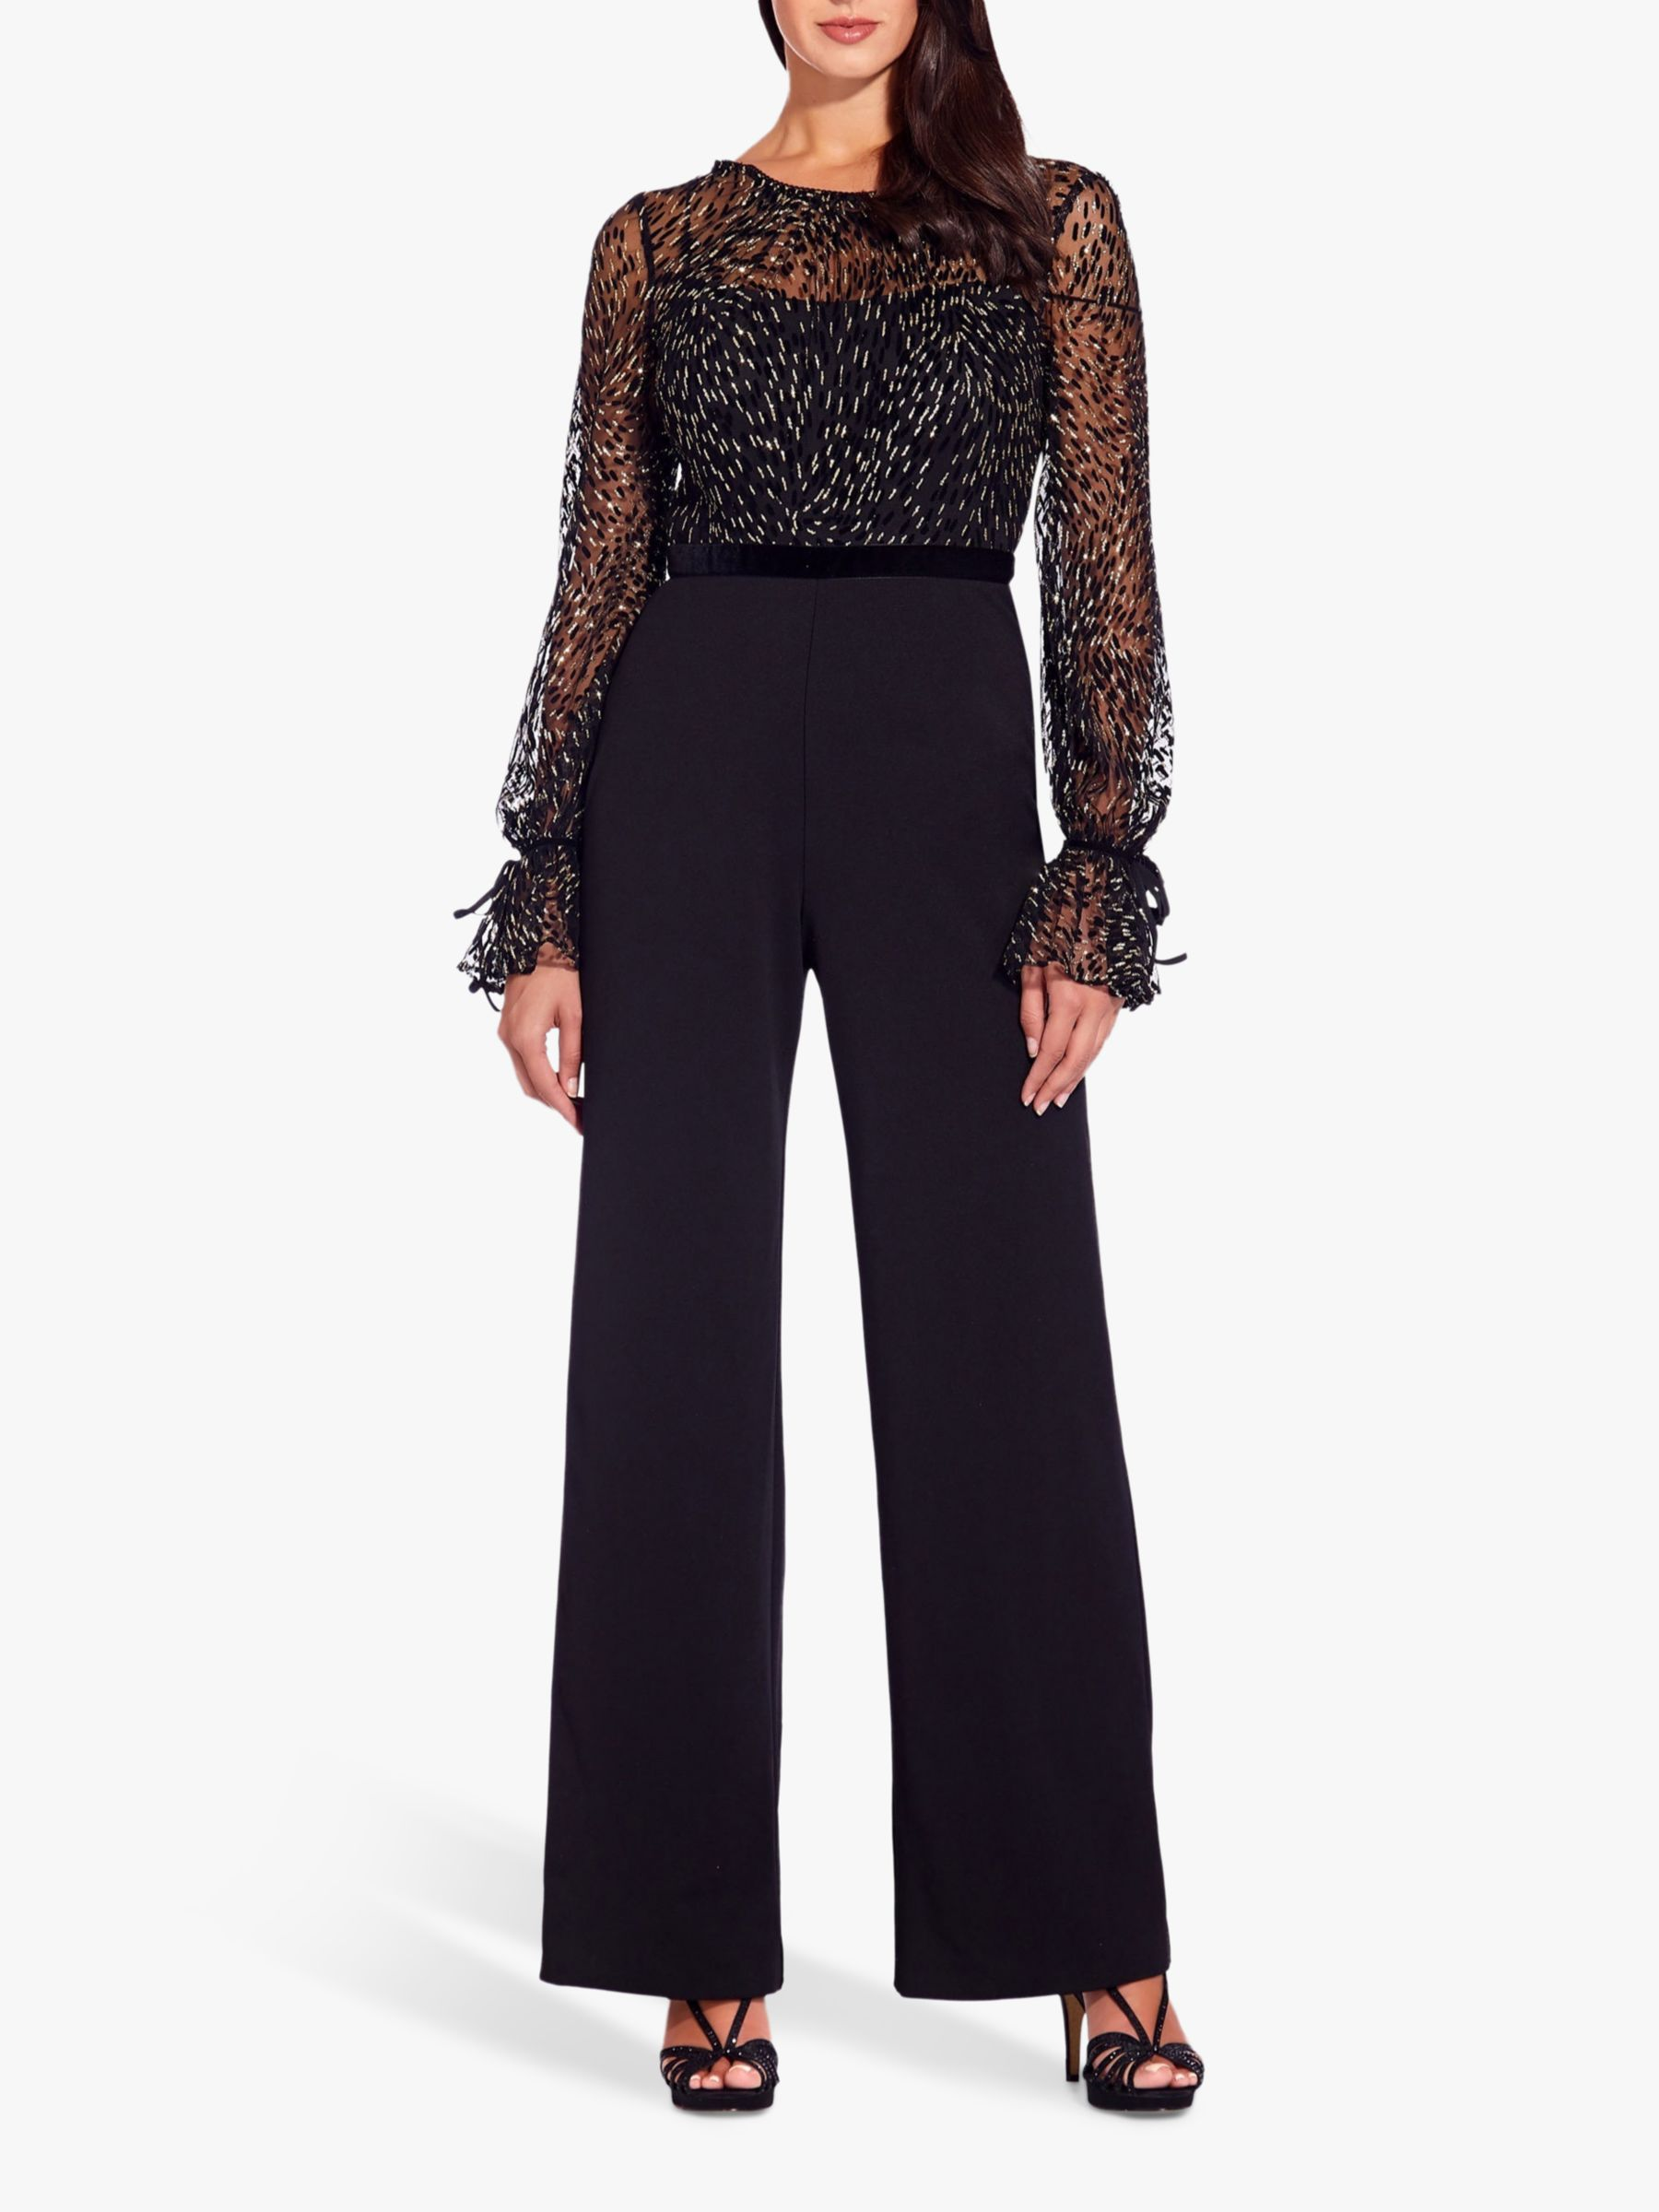 Adrianna Papell Glitter Velvet Jumpsuit Black Gold At John Lewis Partners